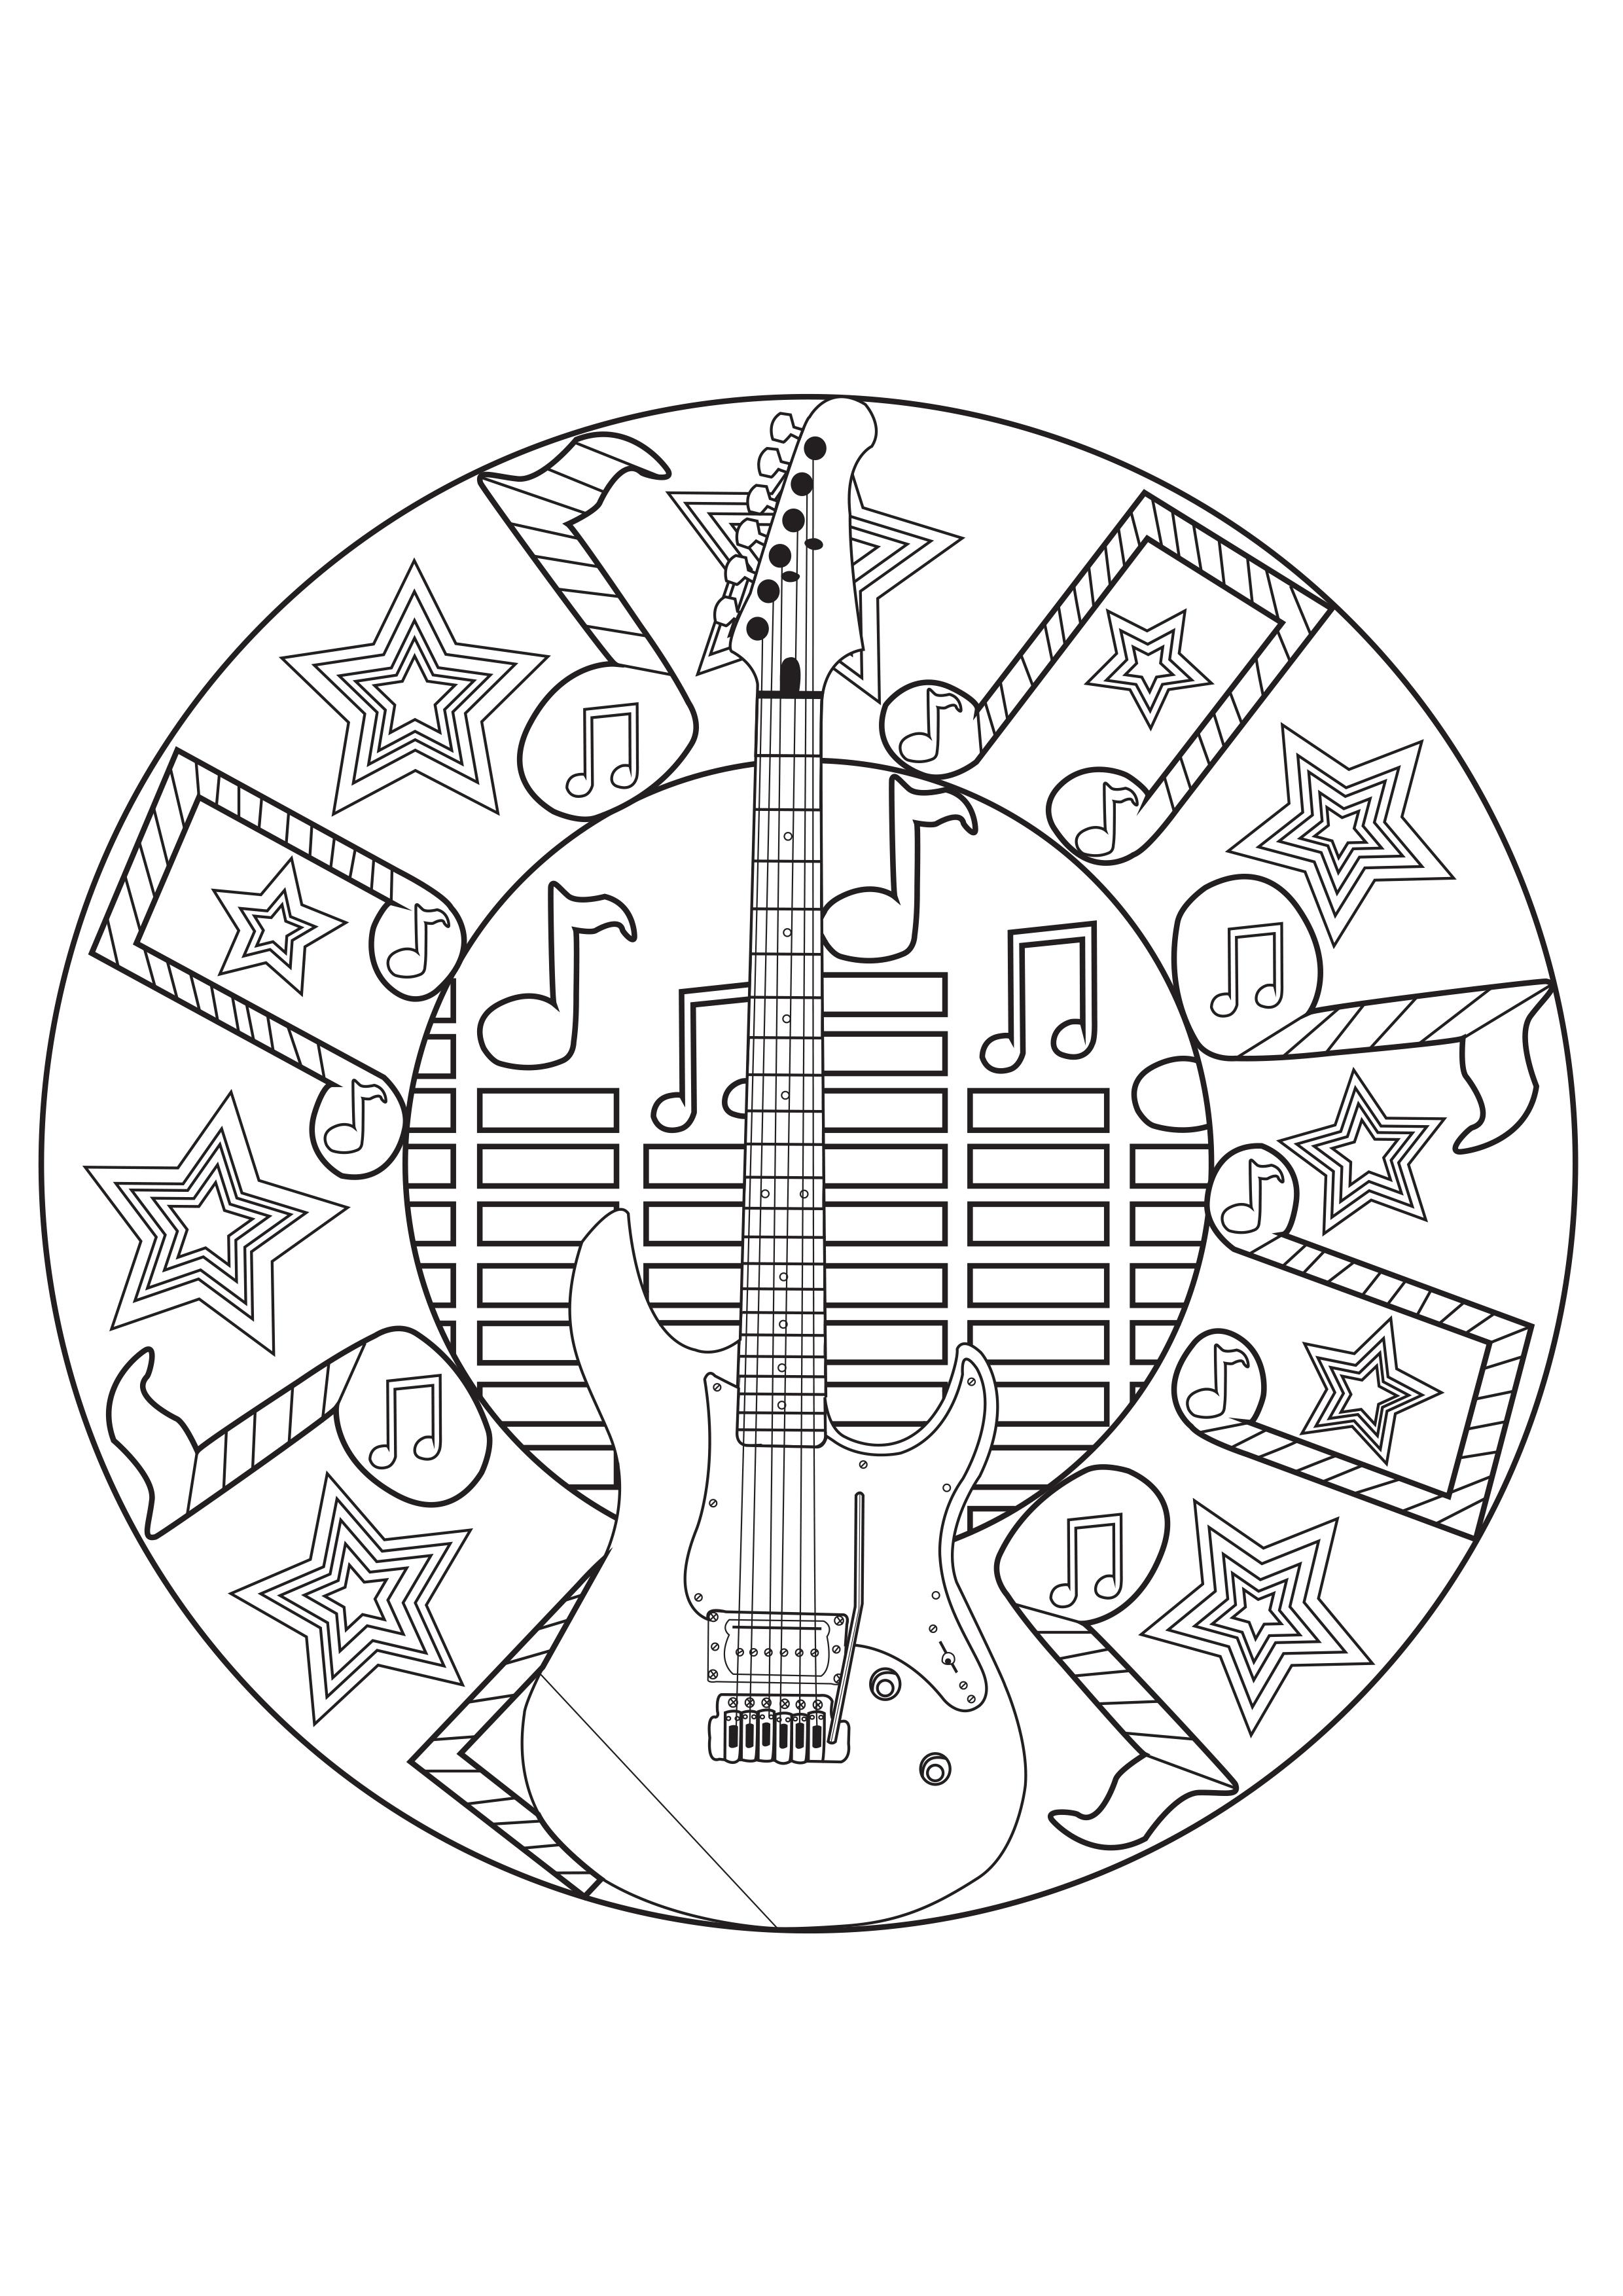 Mandala musique